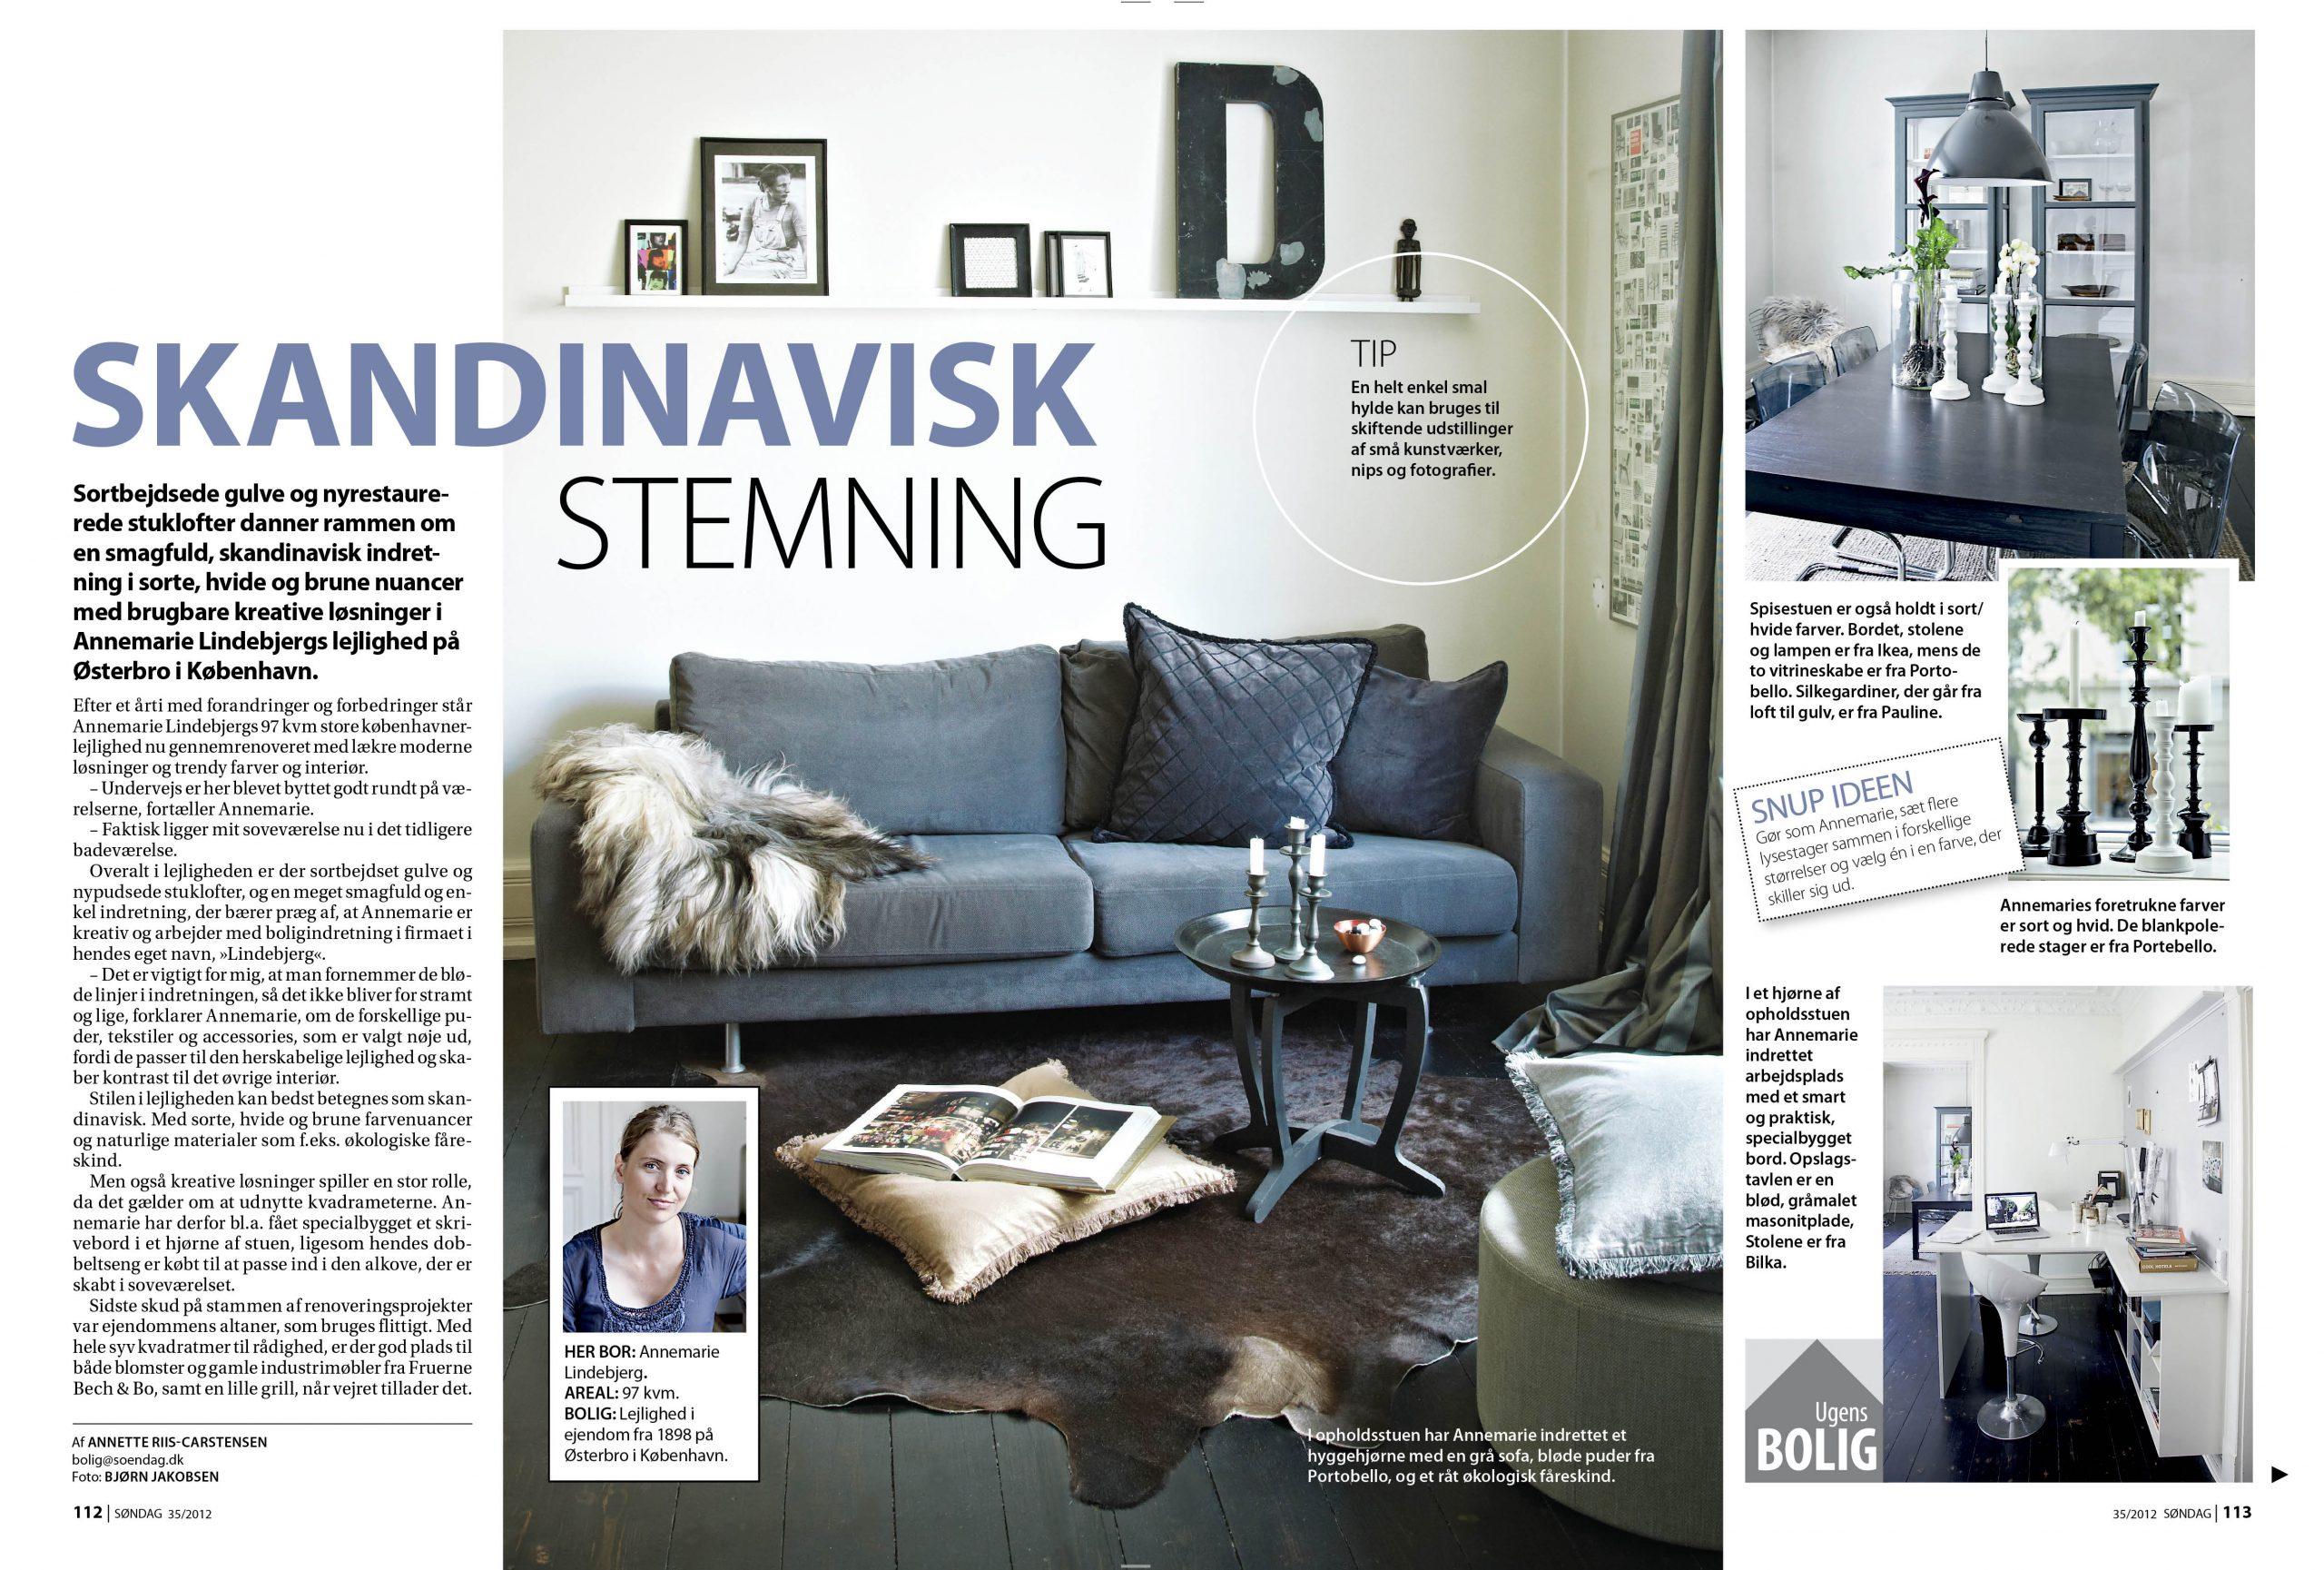 Lindebjerg-Design article 1 in Ugebladet Søndag